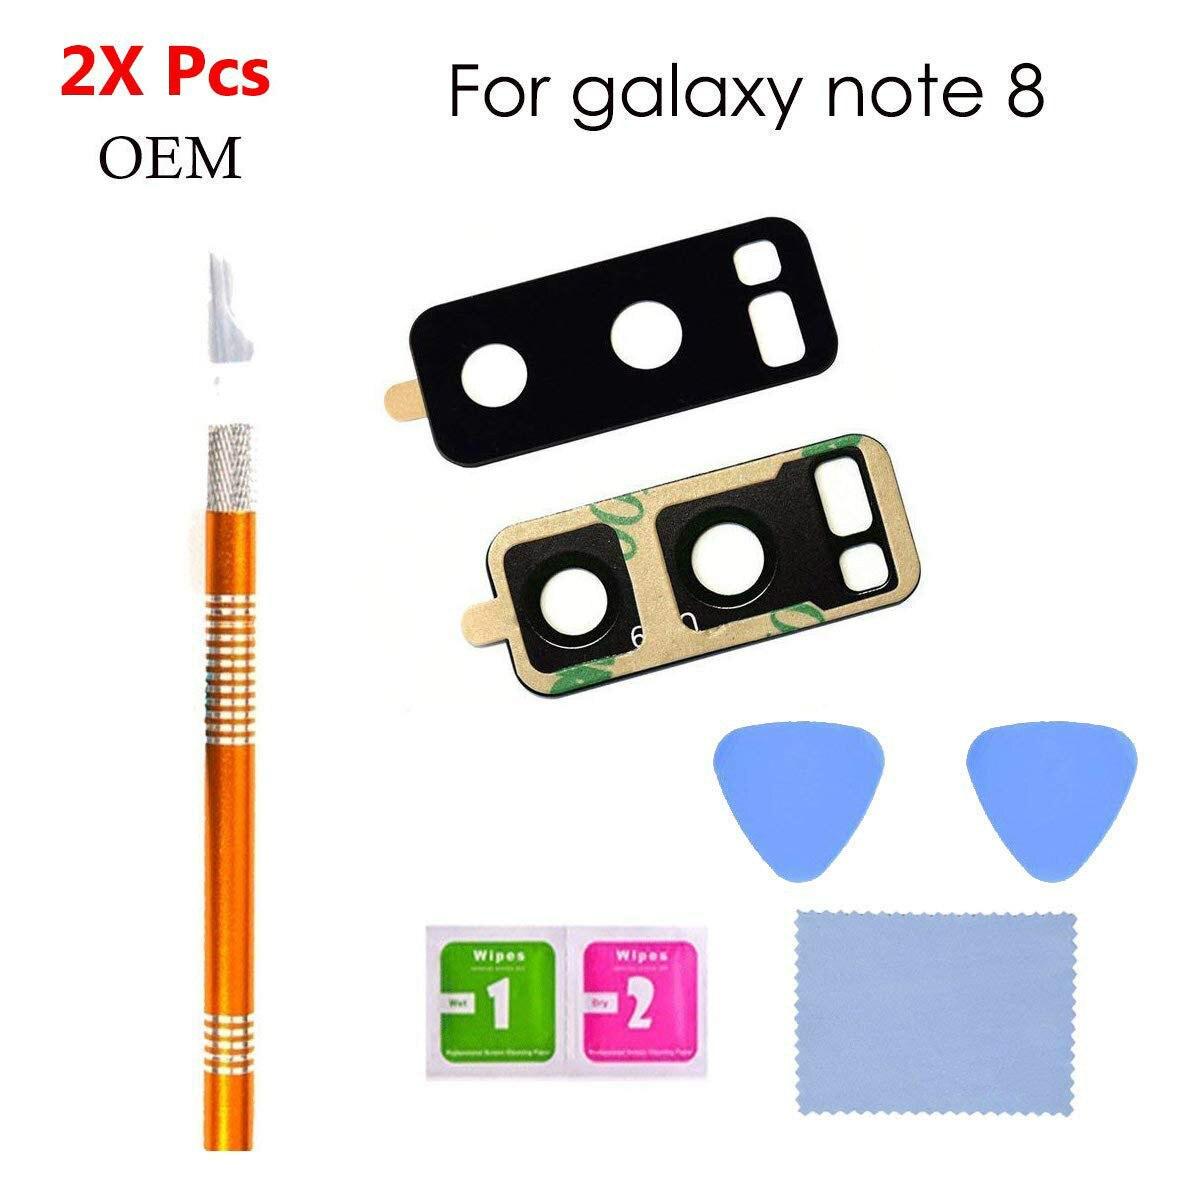 Reemplazo de cubierta de lente de cristal de cámara trasera OEM Compatible con Samsung Galaxy Note 8 N9509 N9508 con herramientas de reparación rápida y fácil